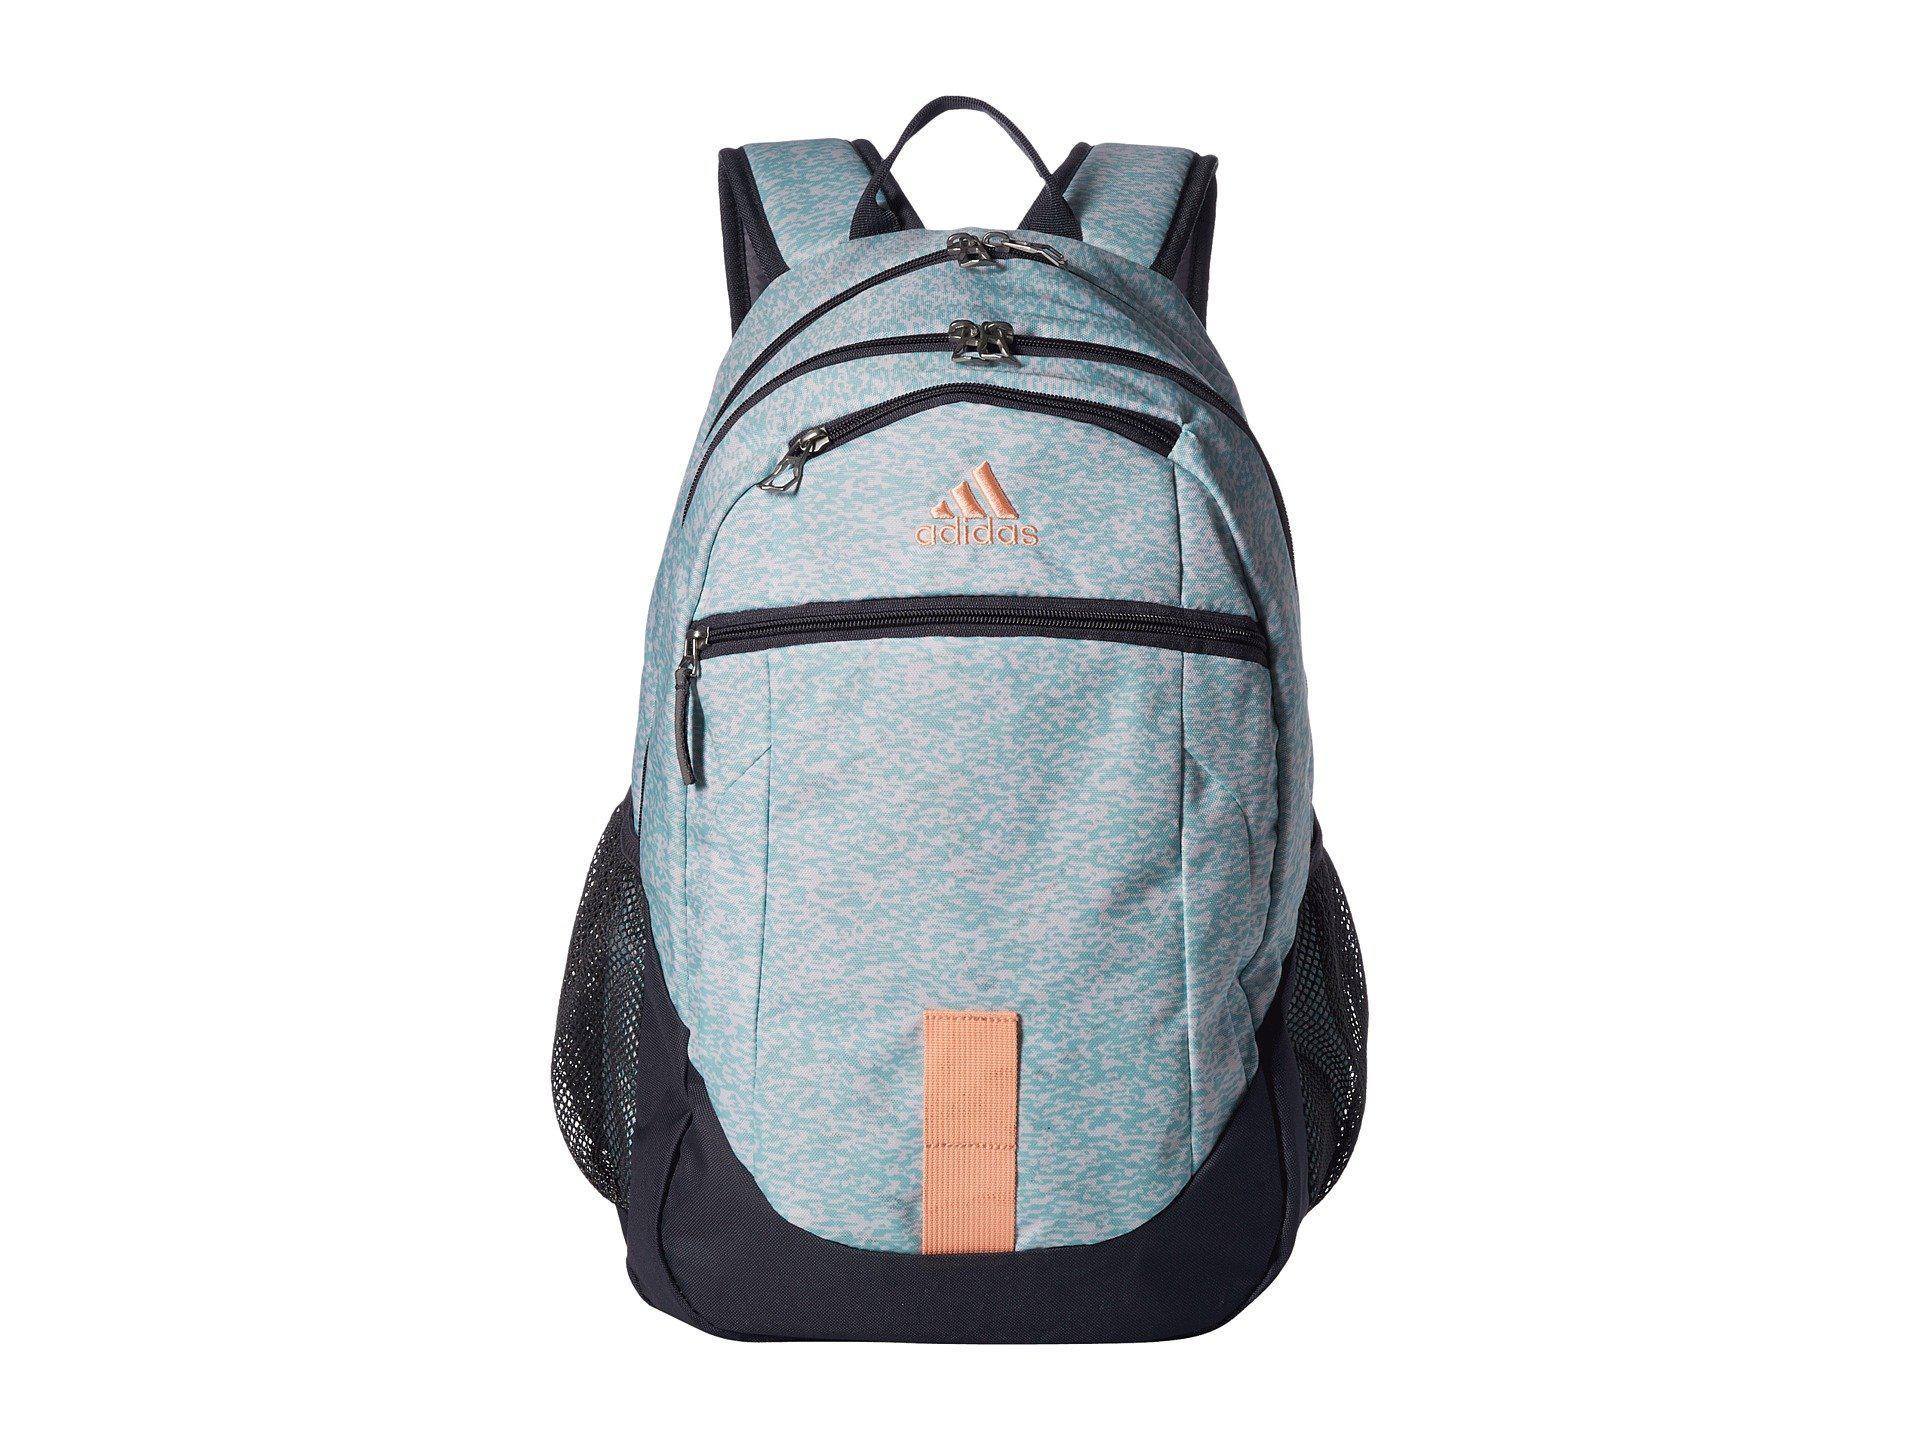 b560cb68656f Lyst - adidas Foundation Iv Backpack in Blue